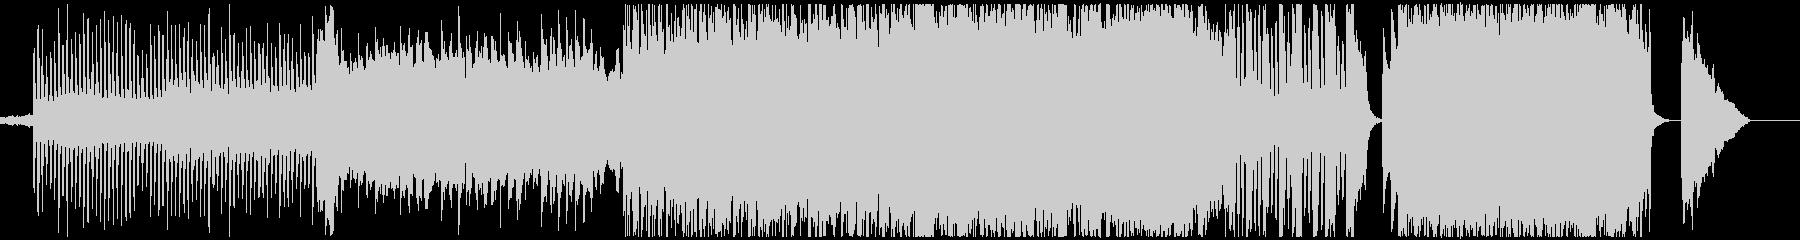 ポップロック 現代の交響曲 ポジテ...の未再生の波形